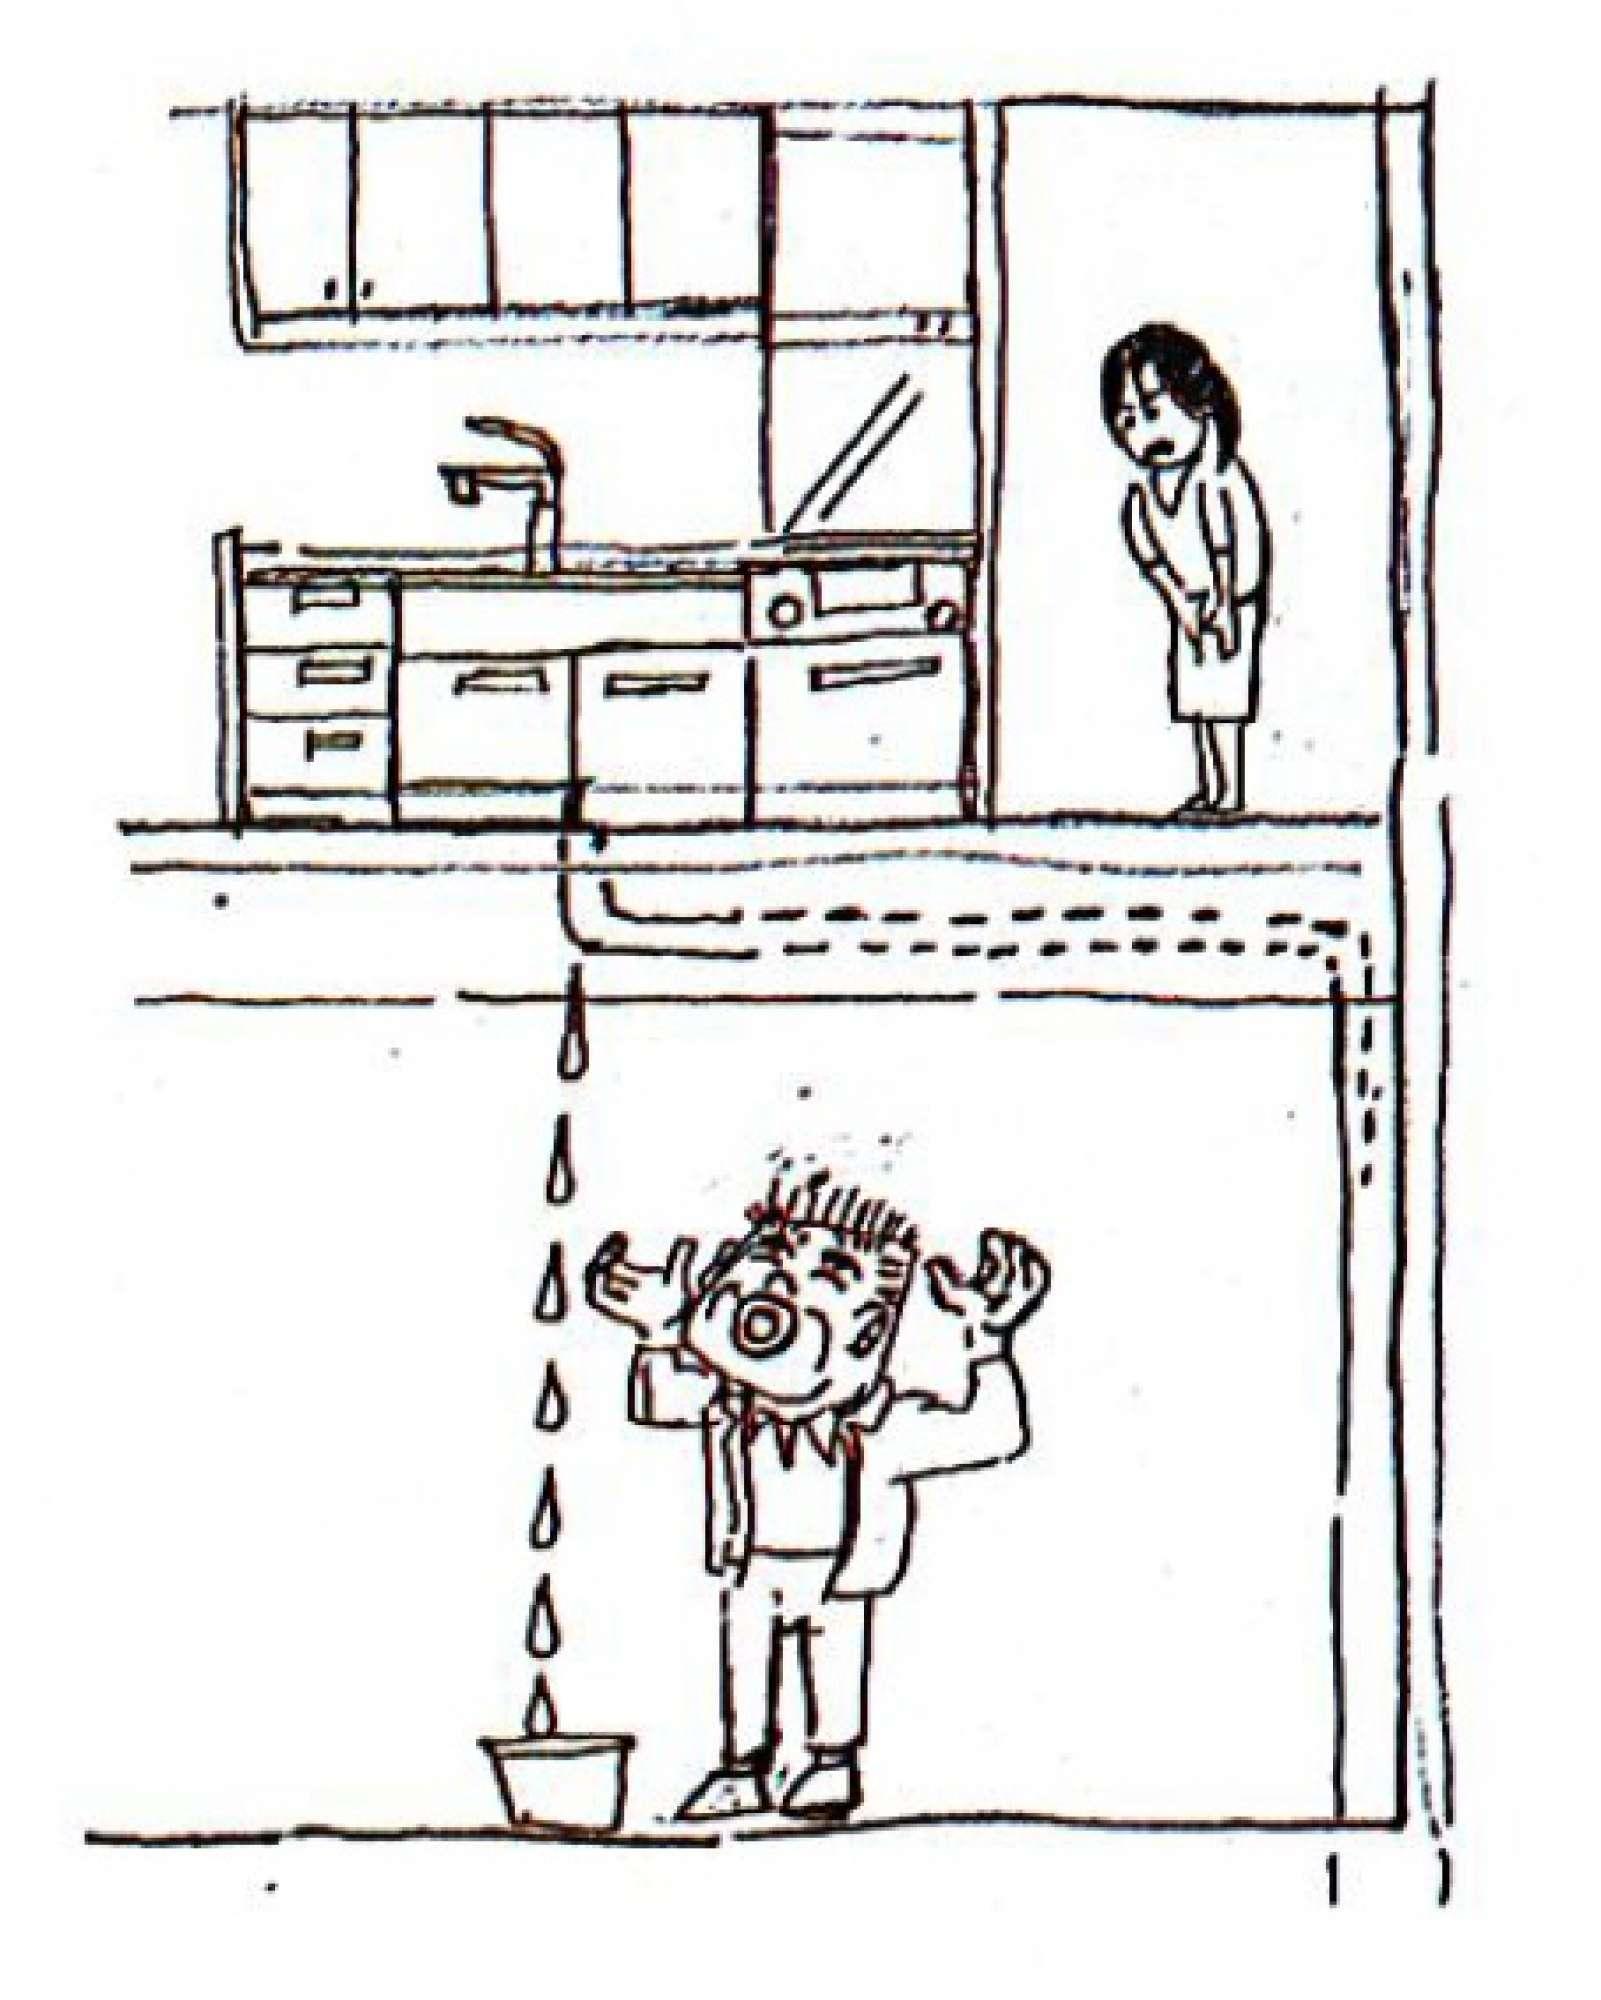 - 築15年が経過したお客様より「2階の台所から水が漏れ、台所の床が濡れて、1階の寝室天井もべしょべしょなってしまった。何とかしてほしい」と、連絡を受けました。早速訪問してみると1階の床にバケツ、洗面器などを置いて水を受けている状態。調査してみると、台所の排水口の接続部から水が漏れています。排水ホースを取り出してみると、ホースが劣化して穴が開いており、そこから水が漏れているのが原因でした。すぐにでも台所が使用できるように、部品(排水ホース)を近隣のホームセンター等で探して手に入れ、すぐに交換をして水漏れは無事に止まりました。今回の事件で、2階の台所の床と1階の羽目板天井にひどい染みや臭いがついてしまう被害が生じていたので、火災保険を申請・適用し、工事を完了する事が出来ました。経年劣化に伴い、ホースも劣化してきますので、この様な事件が発生しないように、10年に1度くらいは点検をしてみることをおすすめします。 -  -